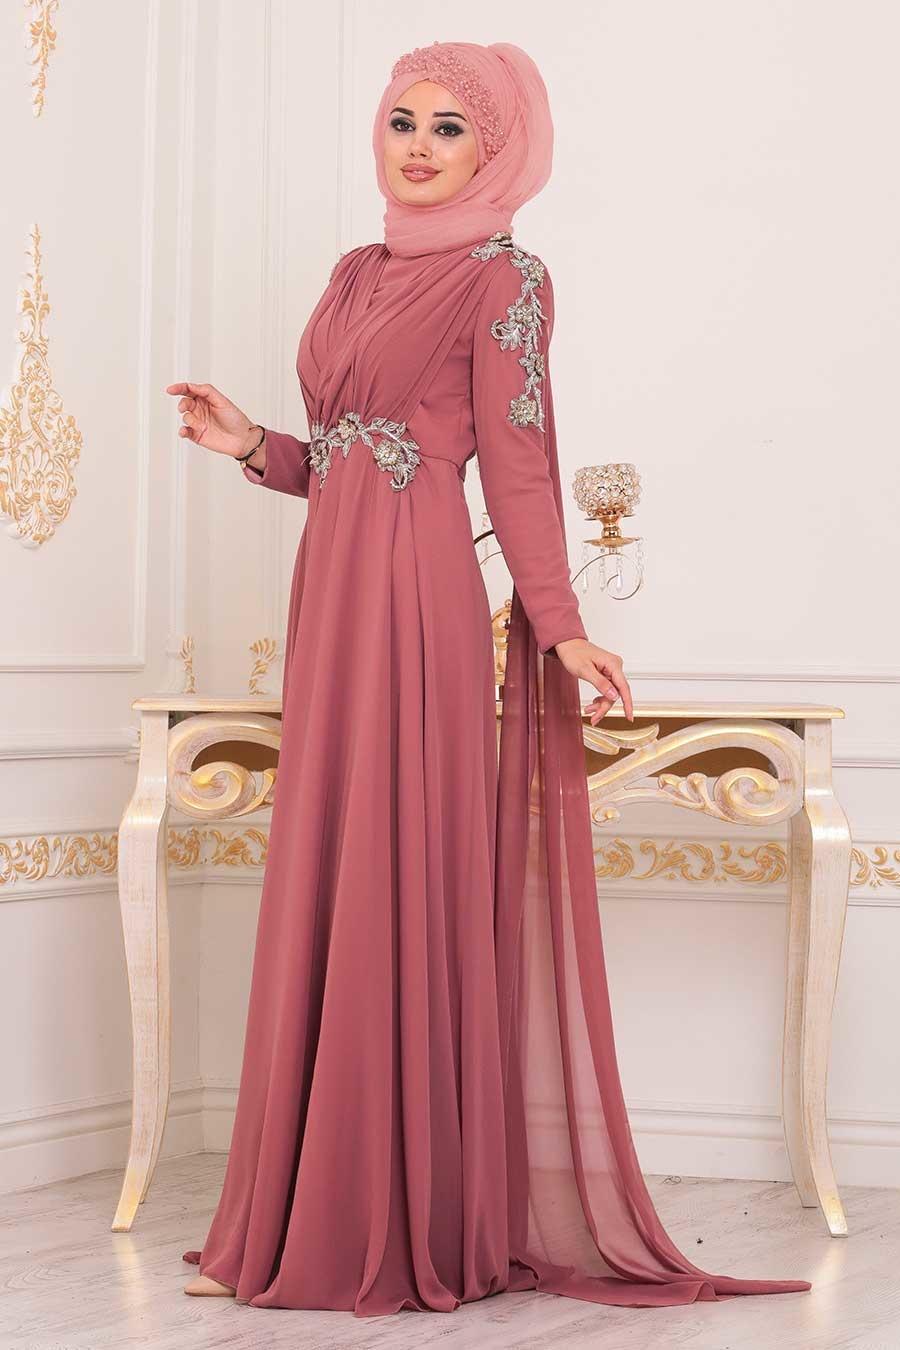 Tesettürlü Abiye Elbise - Pul Detaylı Gül Kurusu Tesettür Abiye Elbise 3937GK